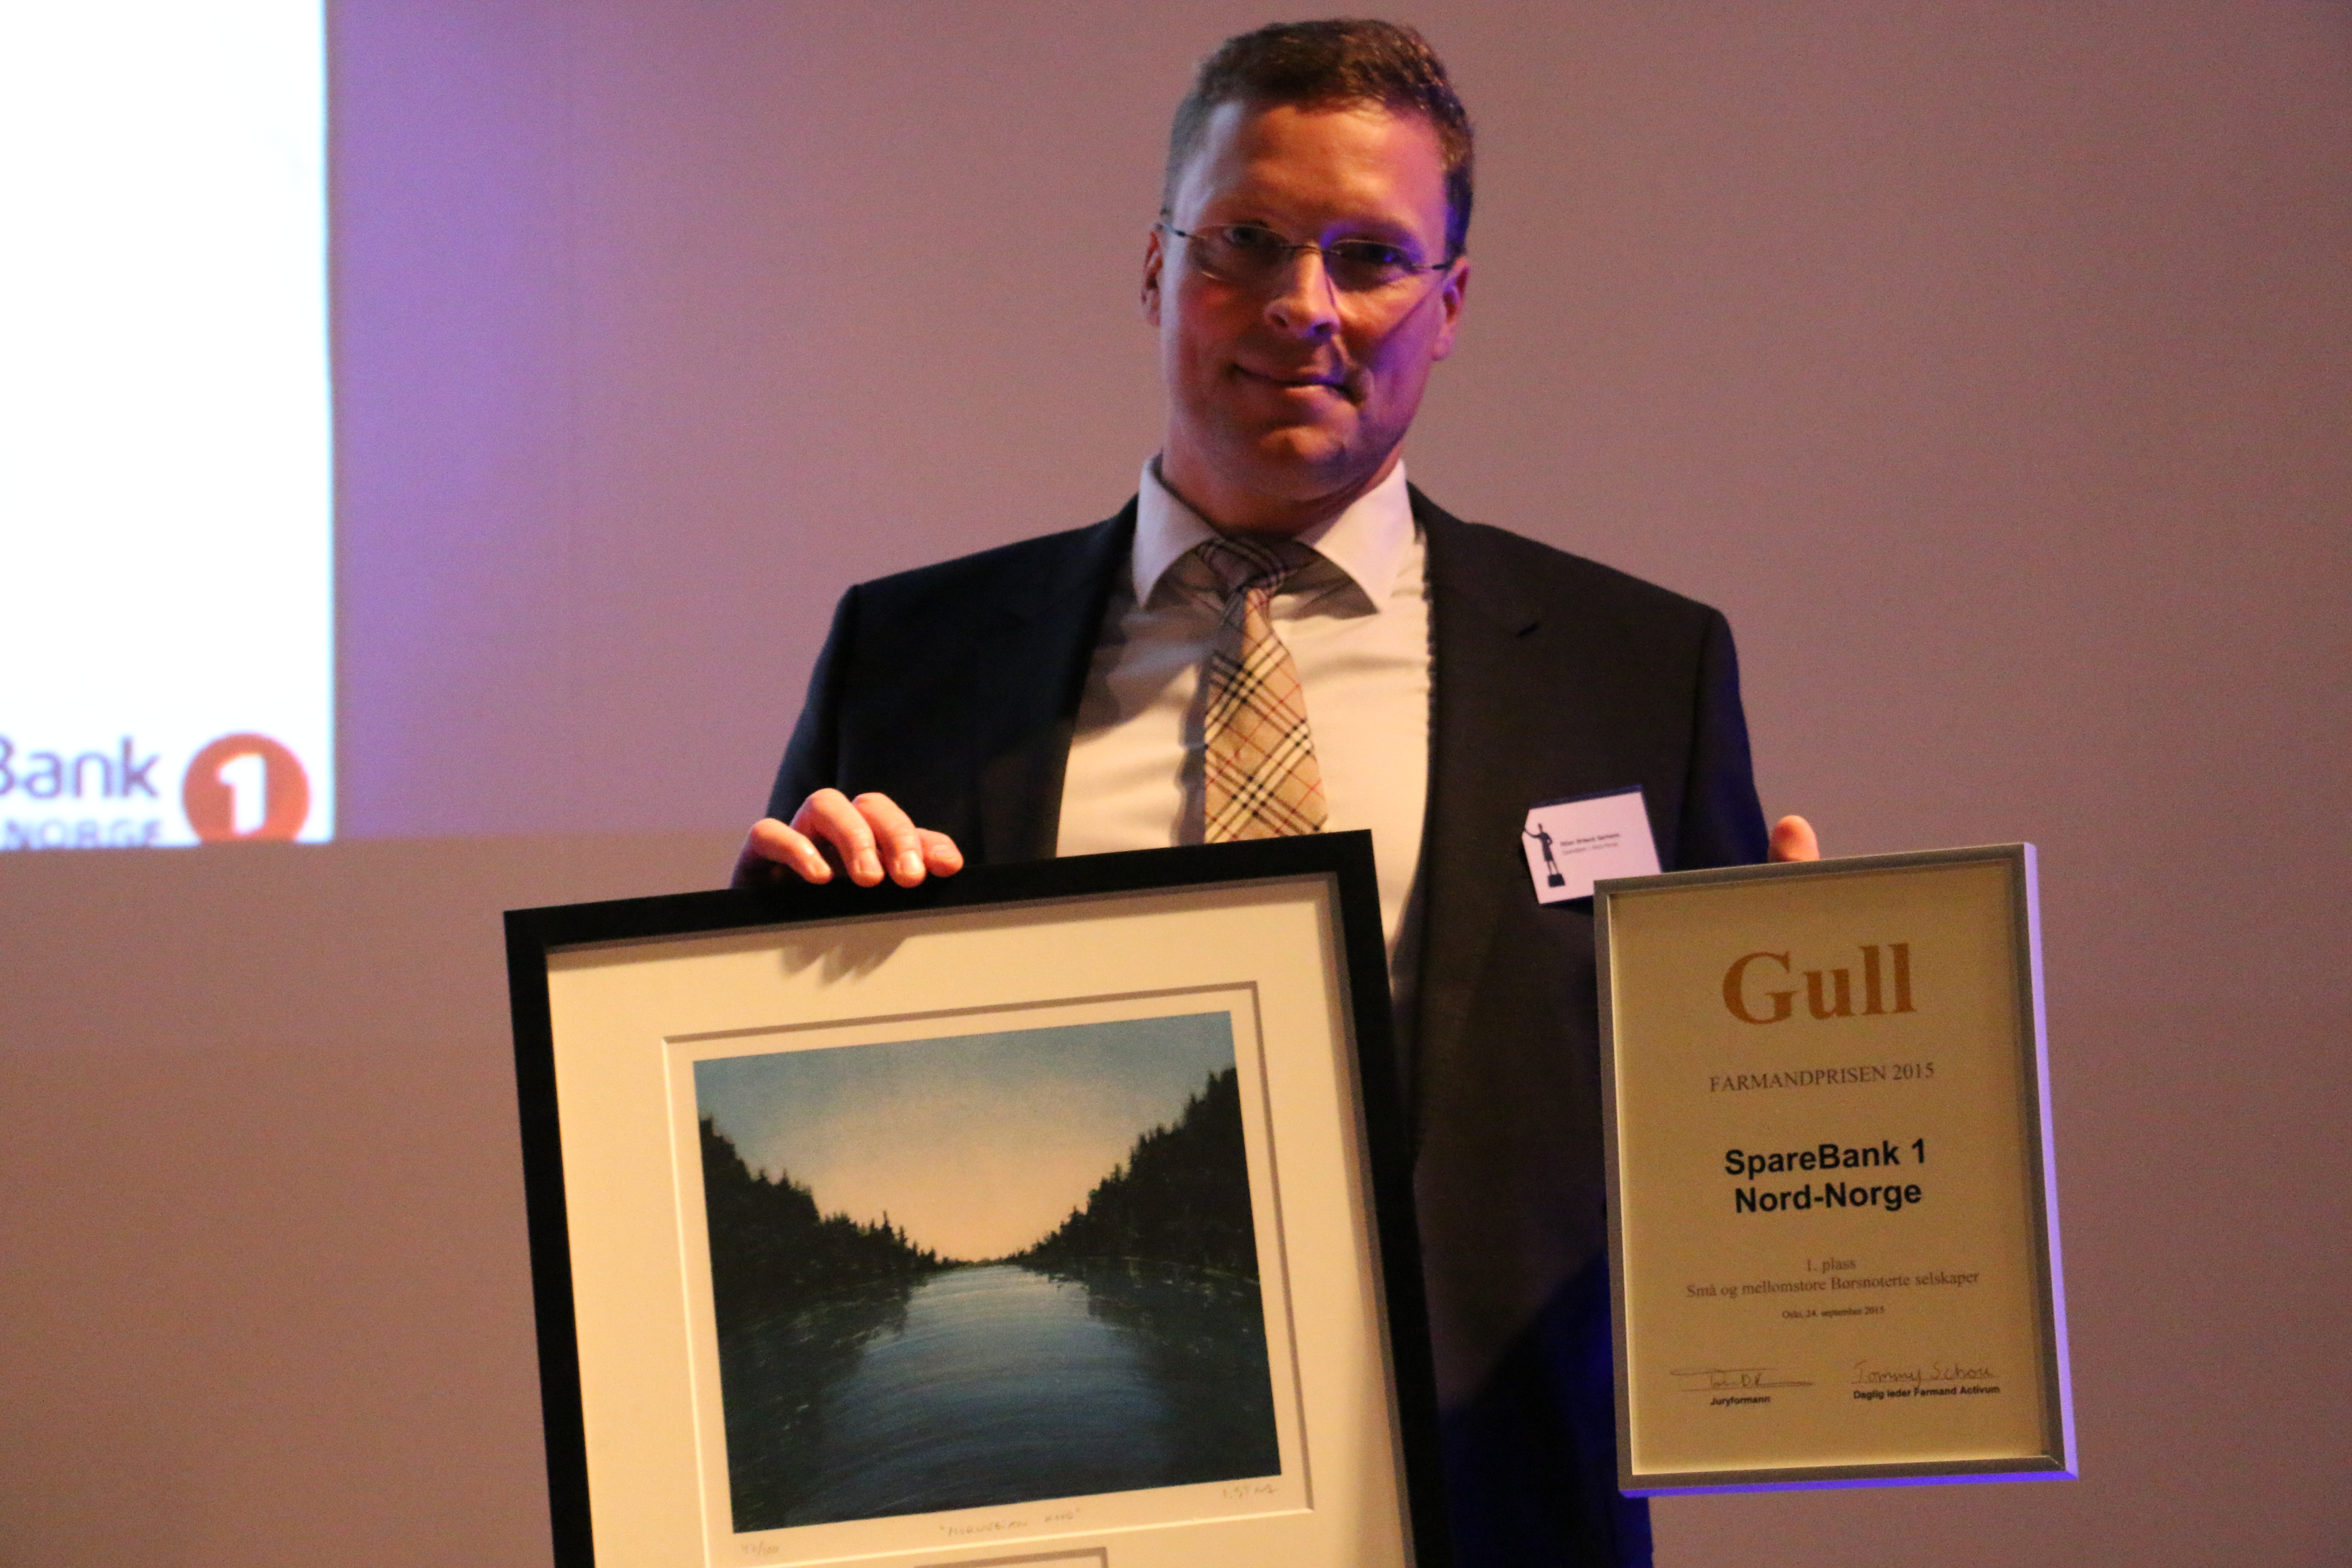 Farmandprisen Beste Årsrapport 2015 - Små og mellomstore børsnoterte selskaper nr 1: SpareBank 1 Nord-Norge